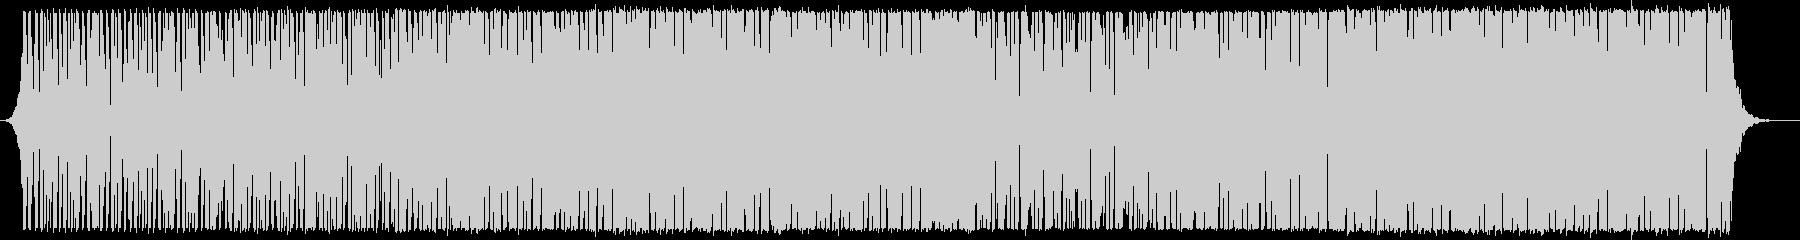 ダンシングオンマイマインドの未再生の波形